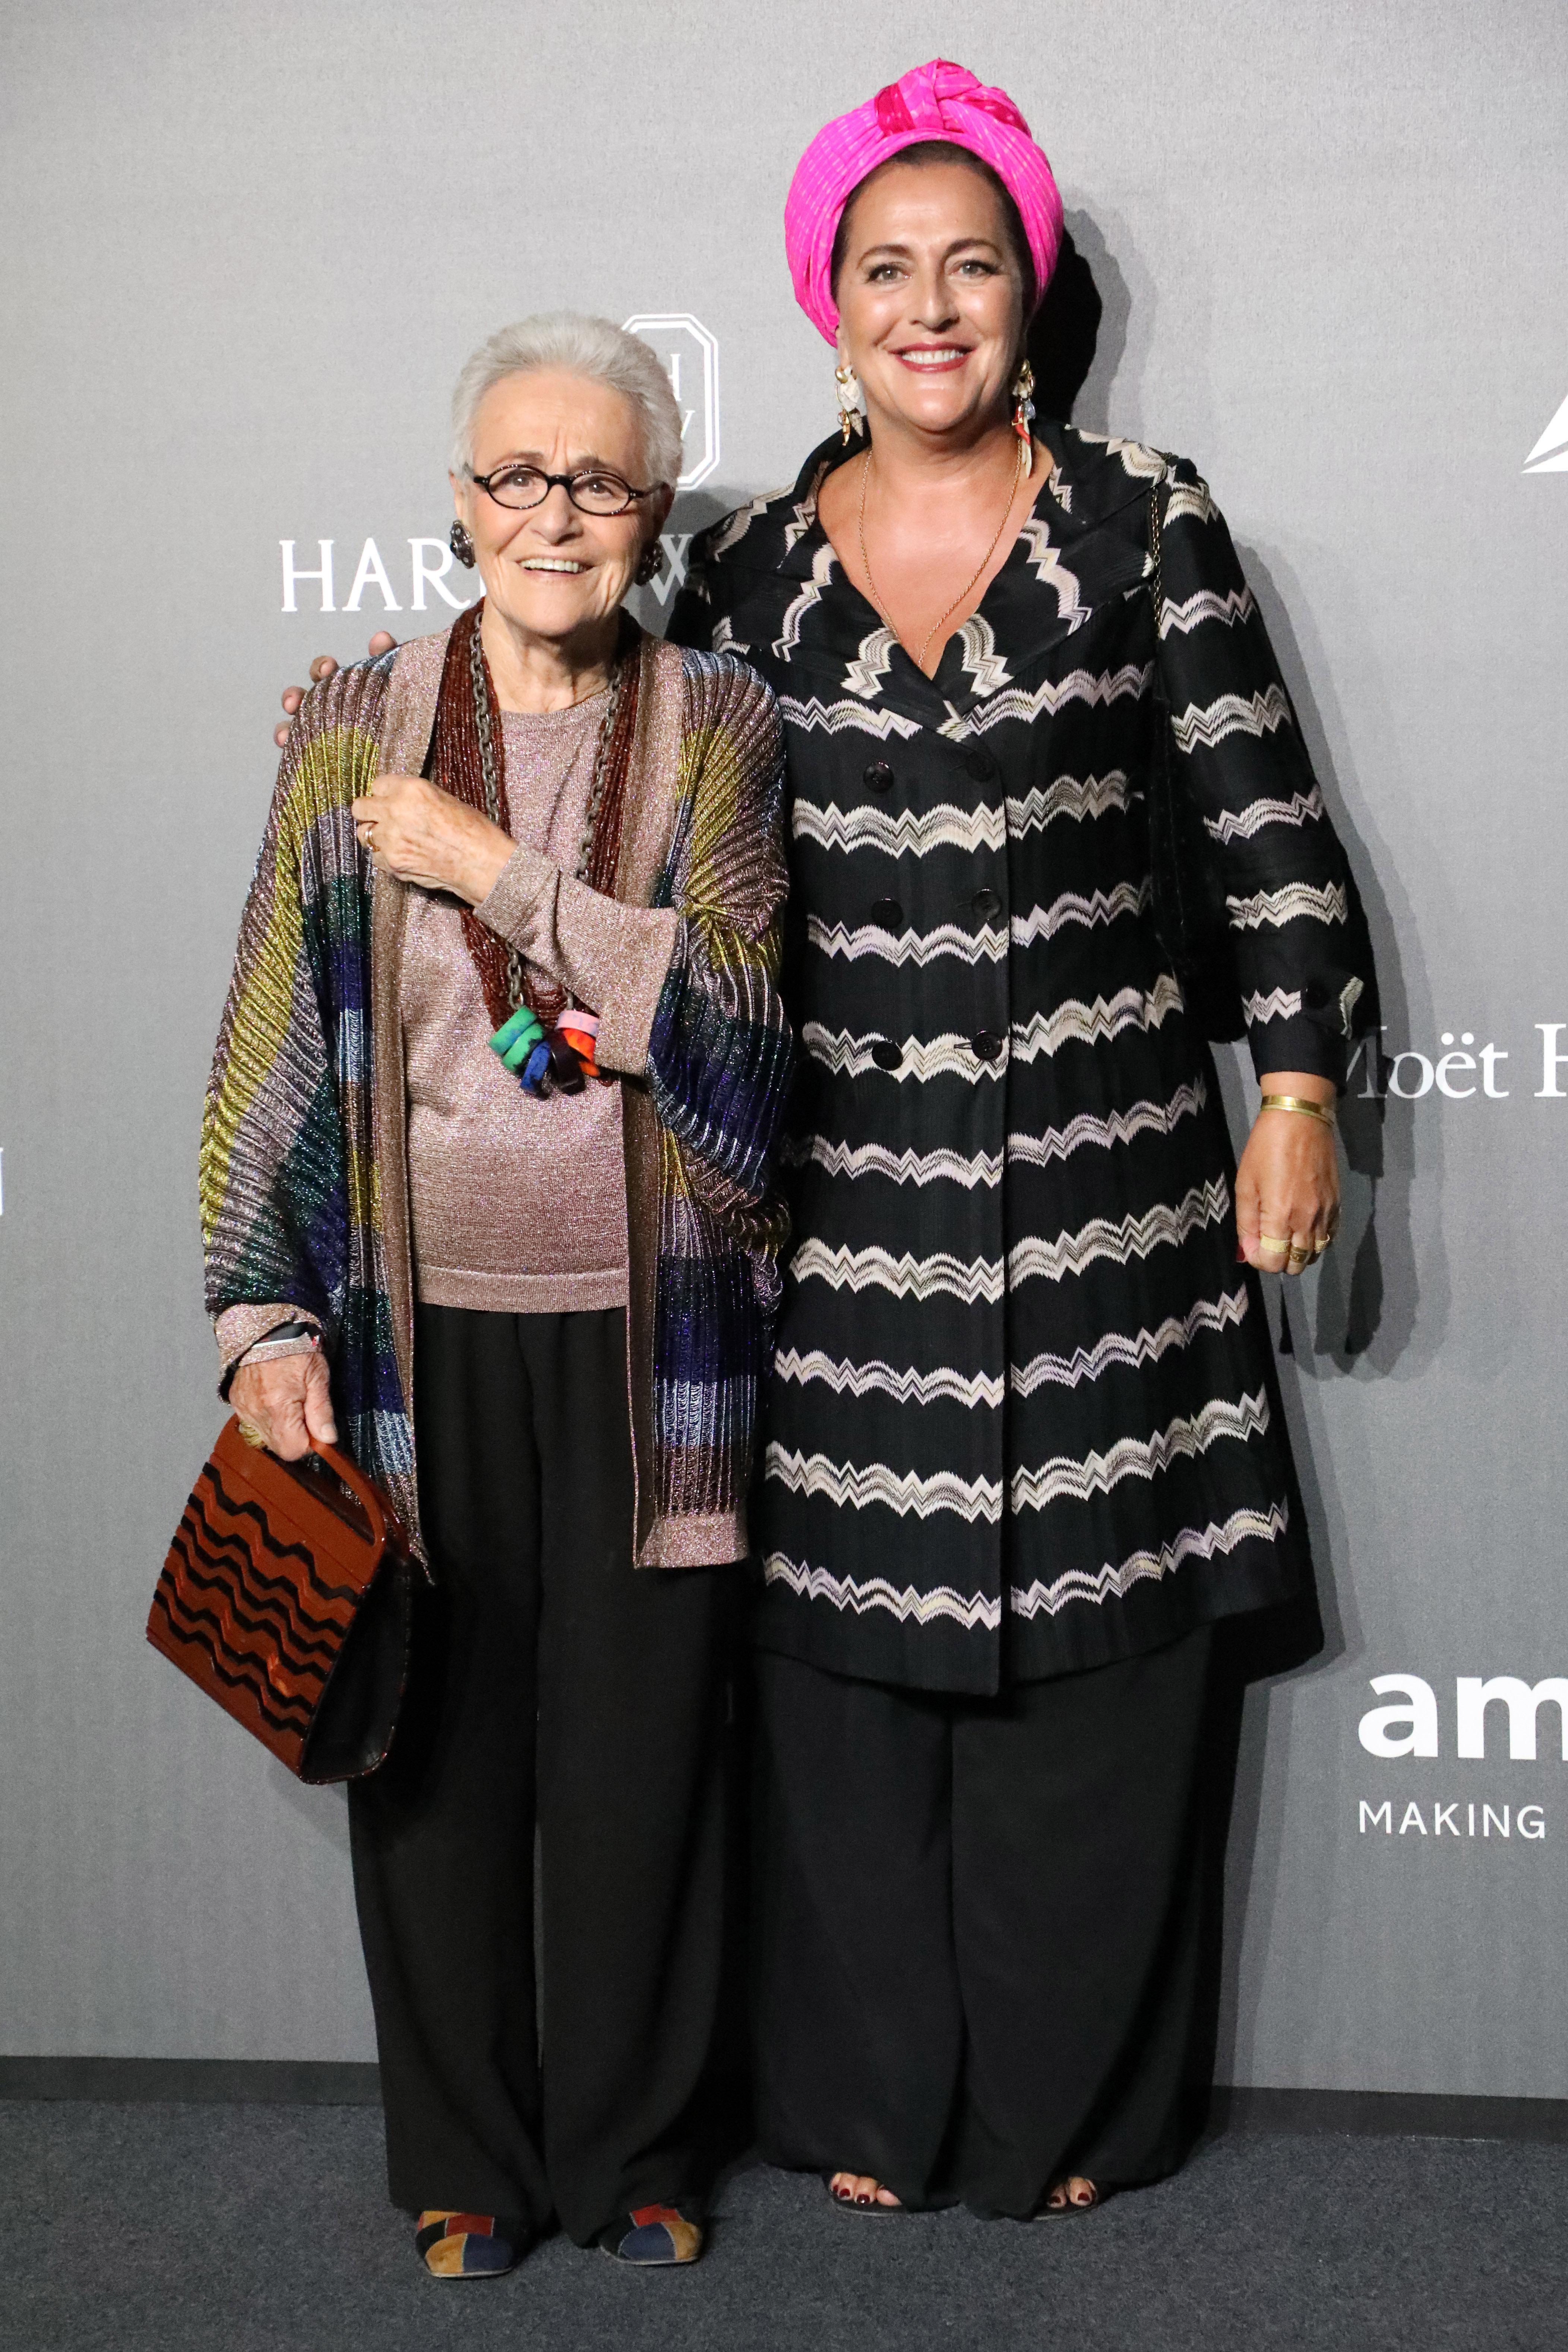 Rosita Missoni and Angela Missoni